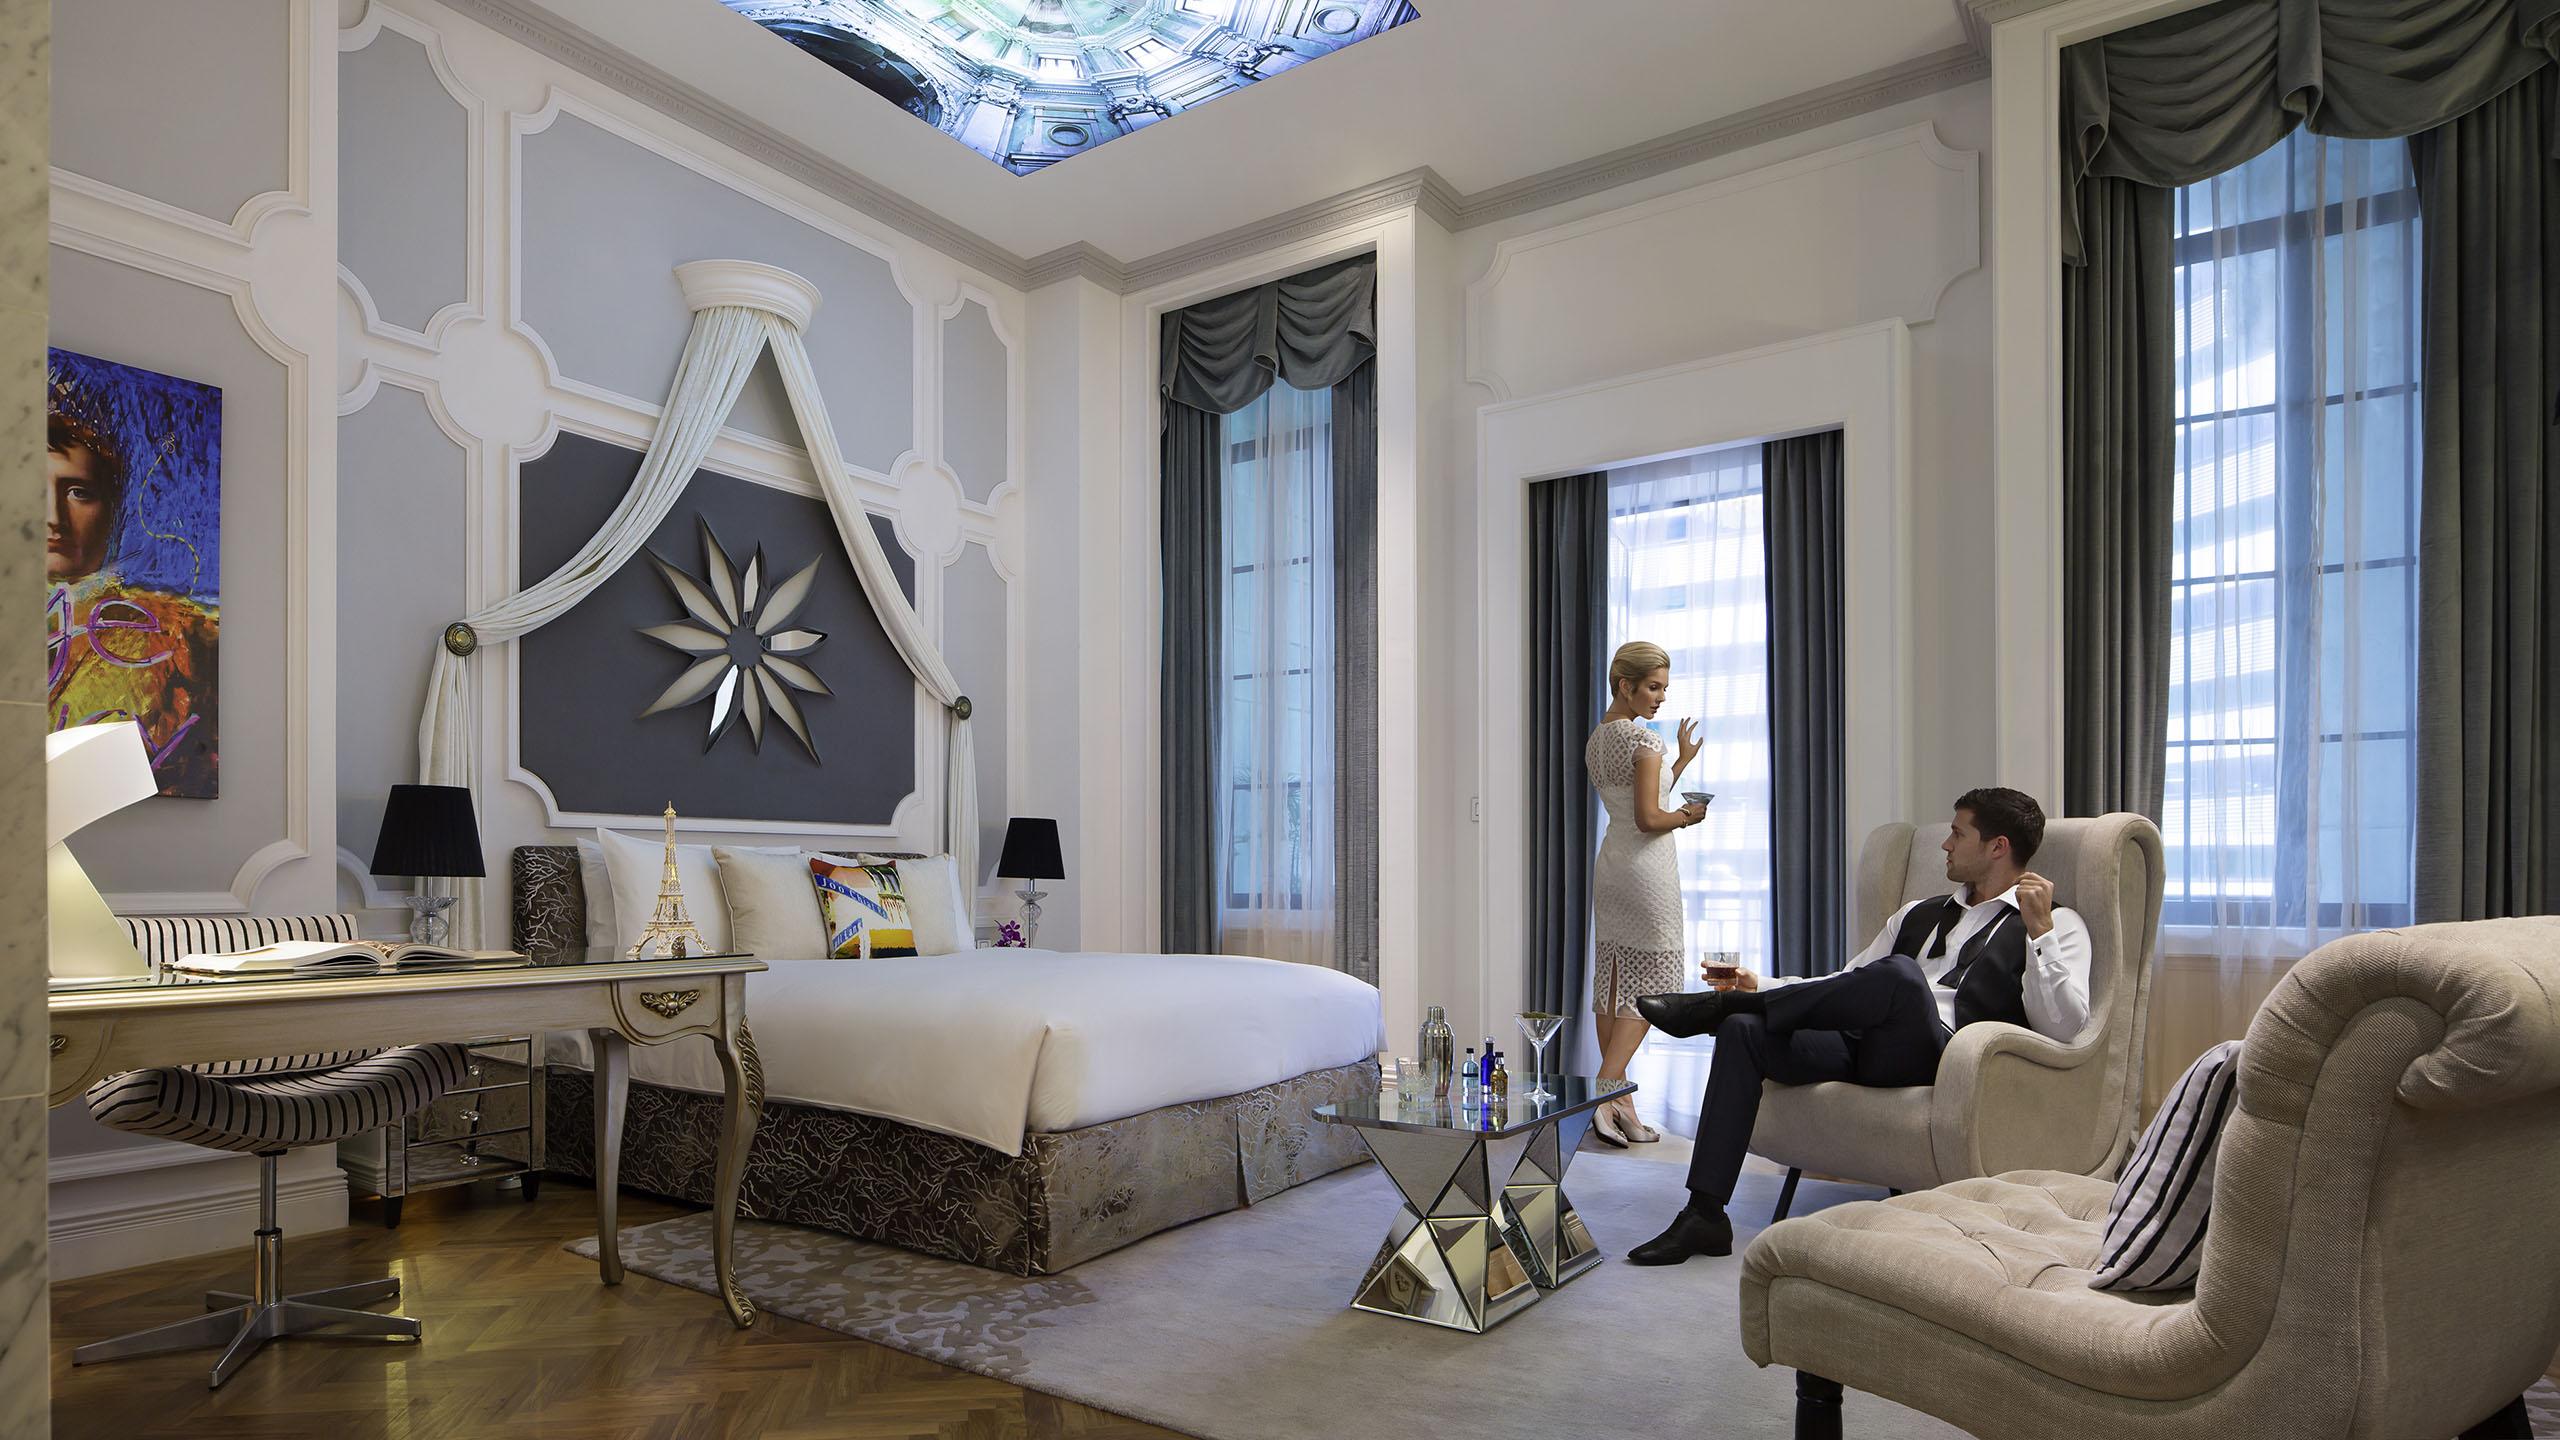 squarerooms-hotel-singapore-style-so-Sofitel-neoclassical-suite